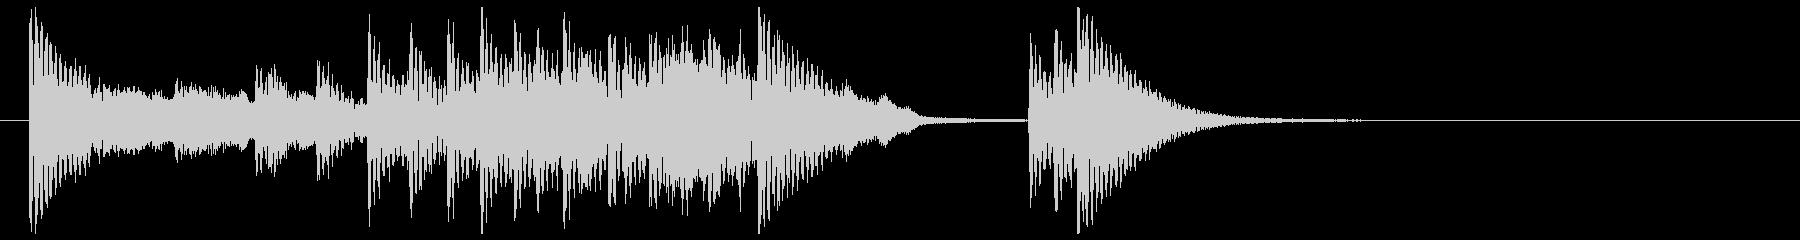 和楽器☆和風ジングル1の未再生の波形